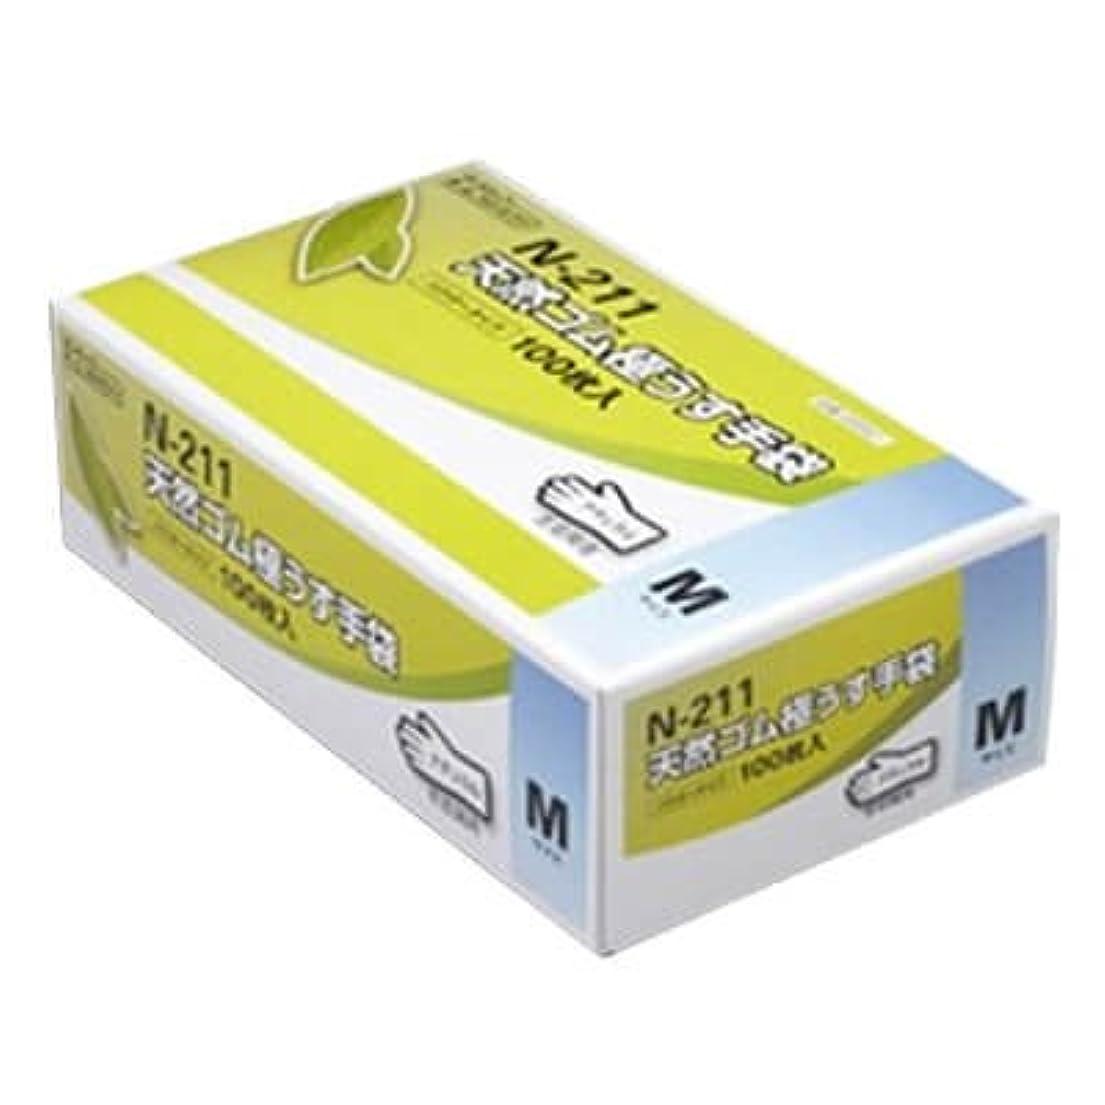 座るマーチャンダイザー虎【ケース販売】 ダンロップ 天然ゴム極うす手袋 N-211 M ナチュラル (100枚入×20箱)